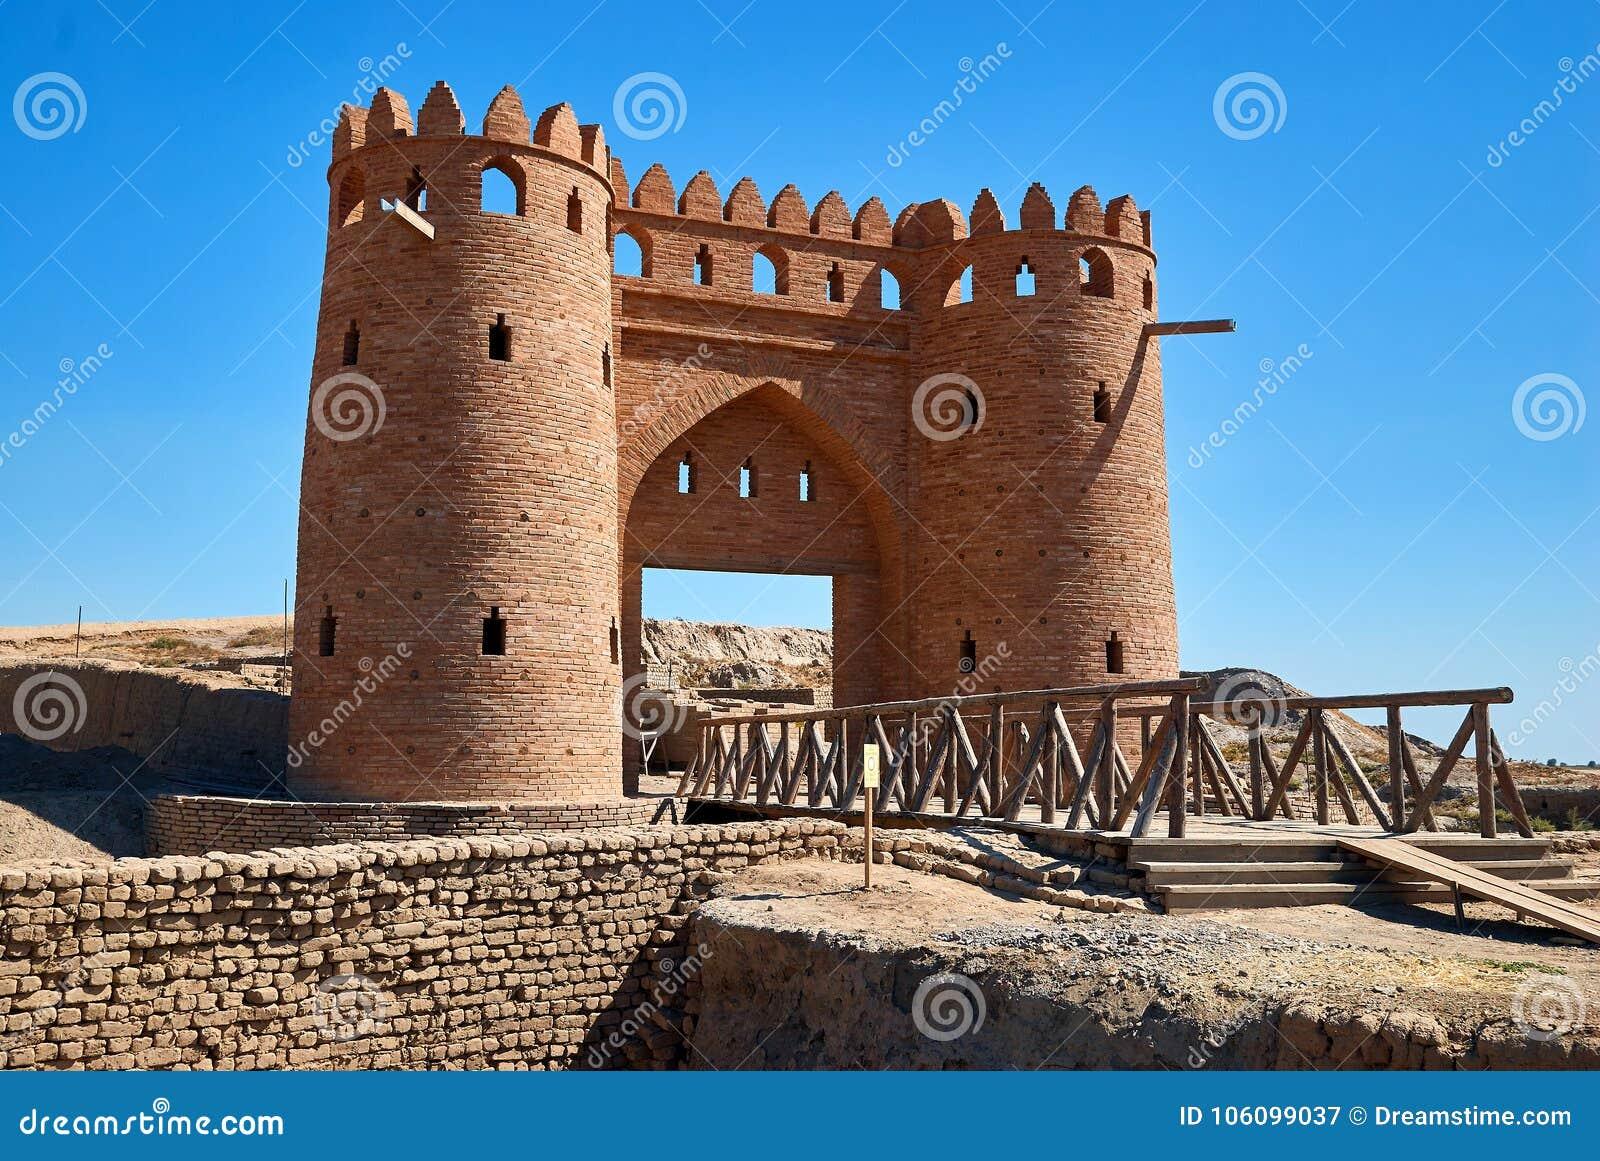 Aushöhlungen der alten Stadt von Otrar, Turkestan, Kasachstan